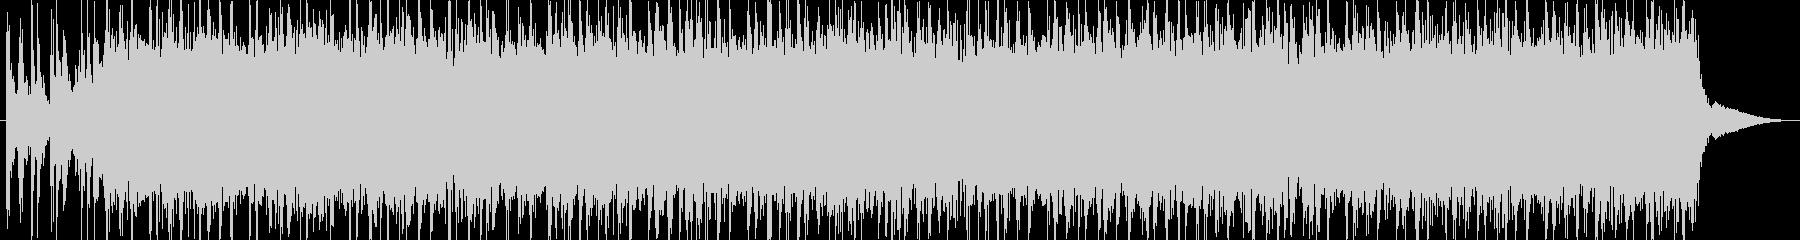 トーク用BGM(明るいノリのロック)の未再生の波形